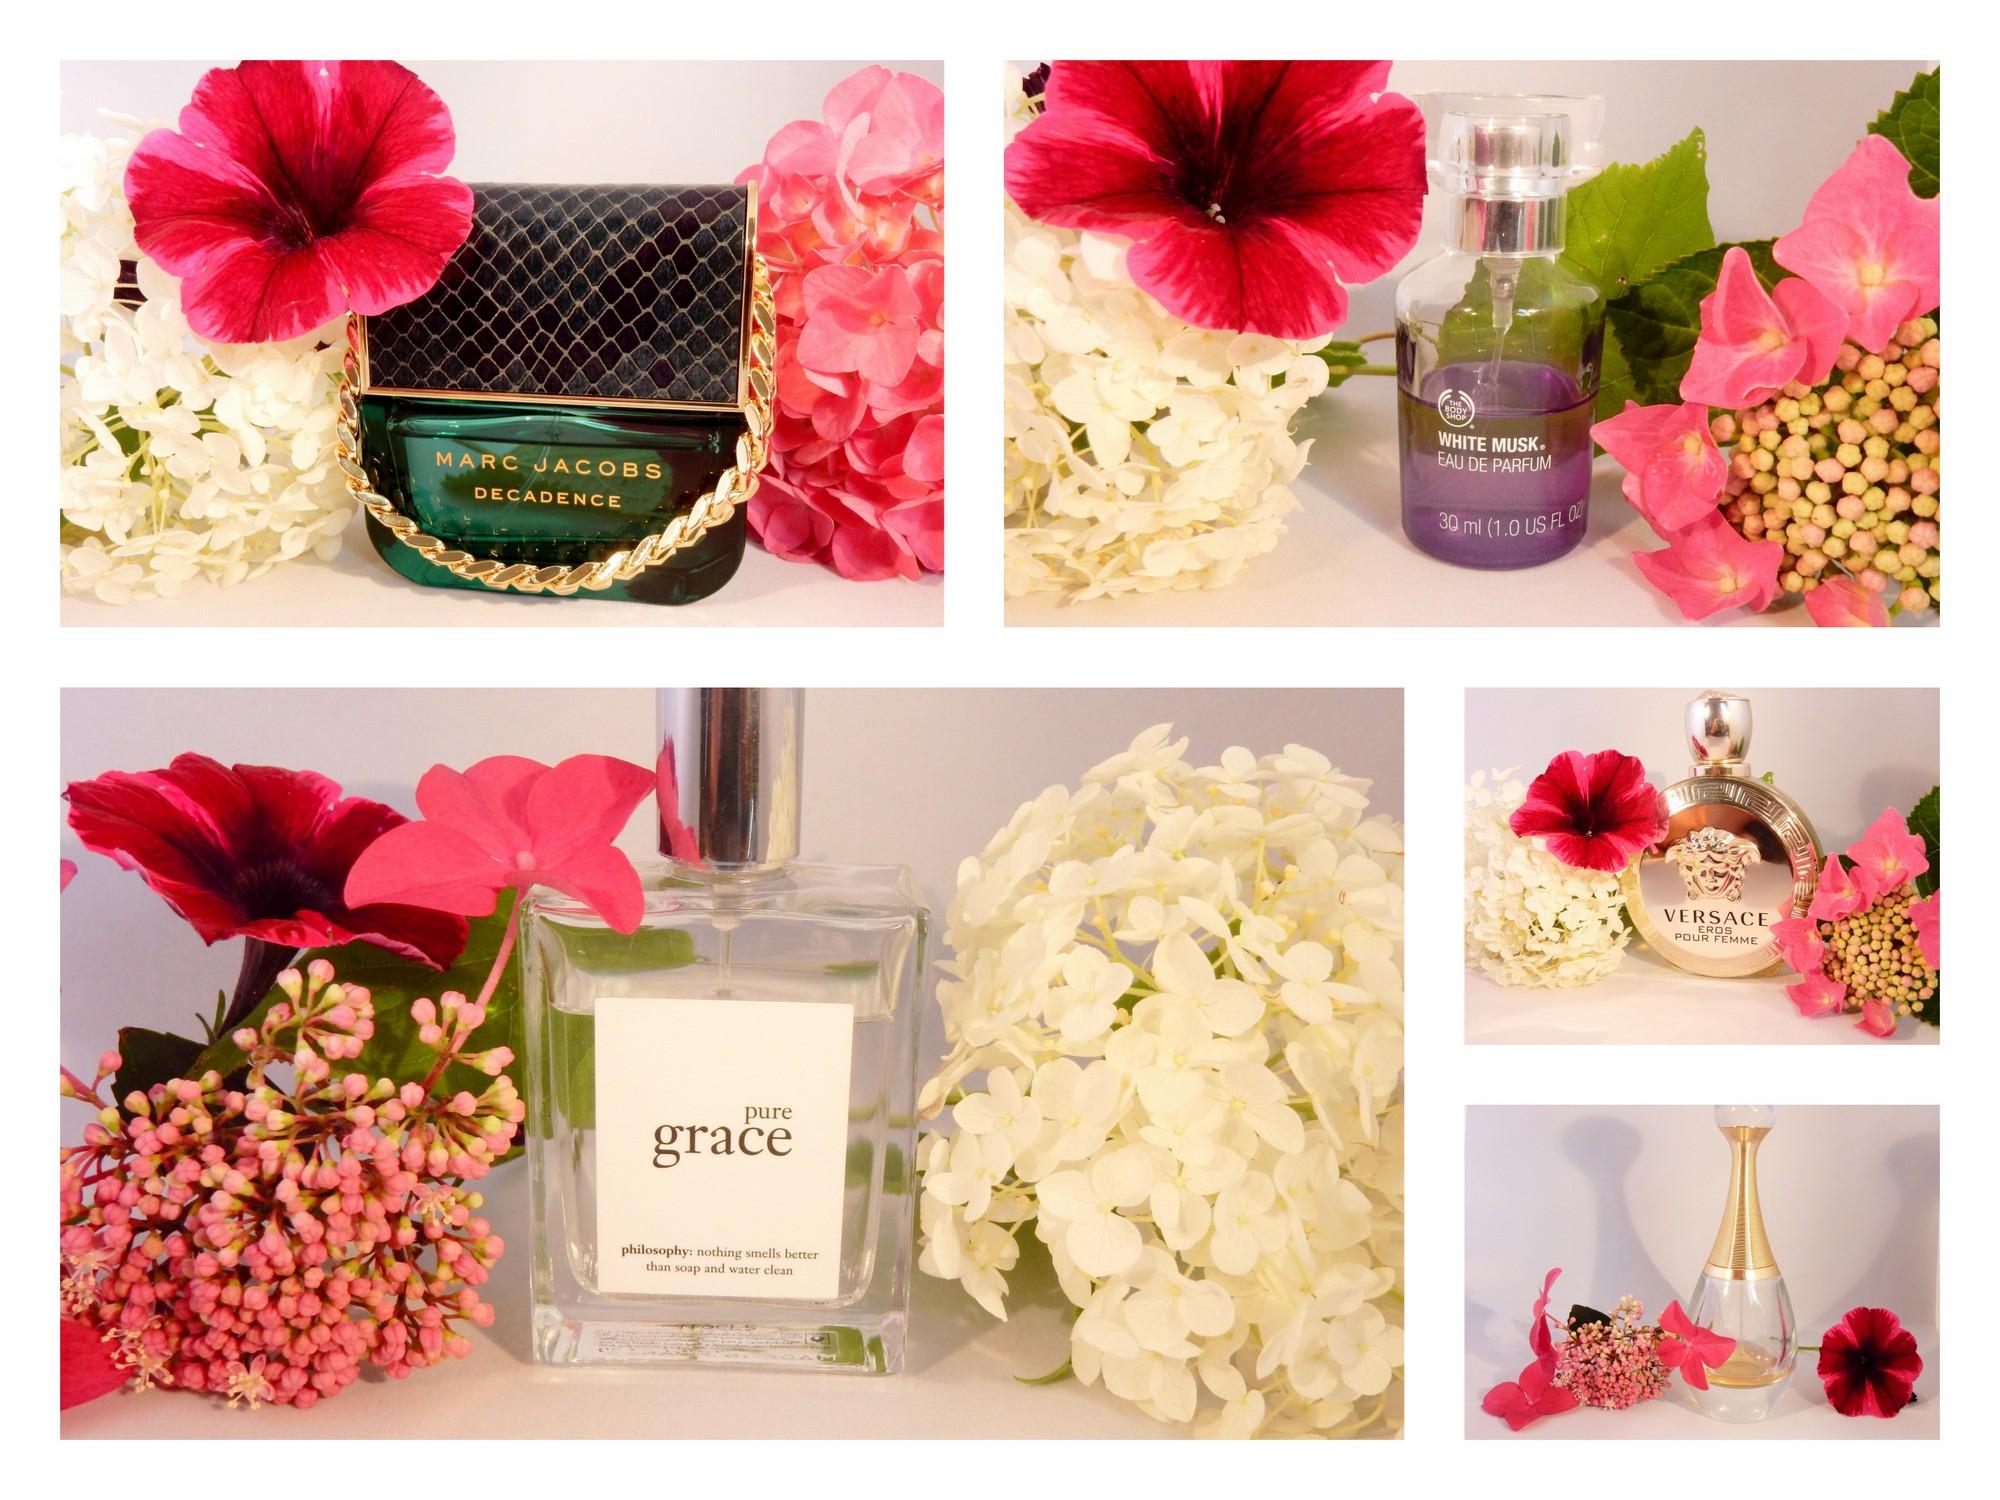 Favoriete parfum